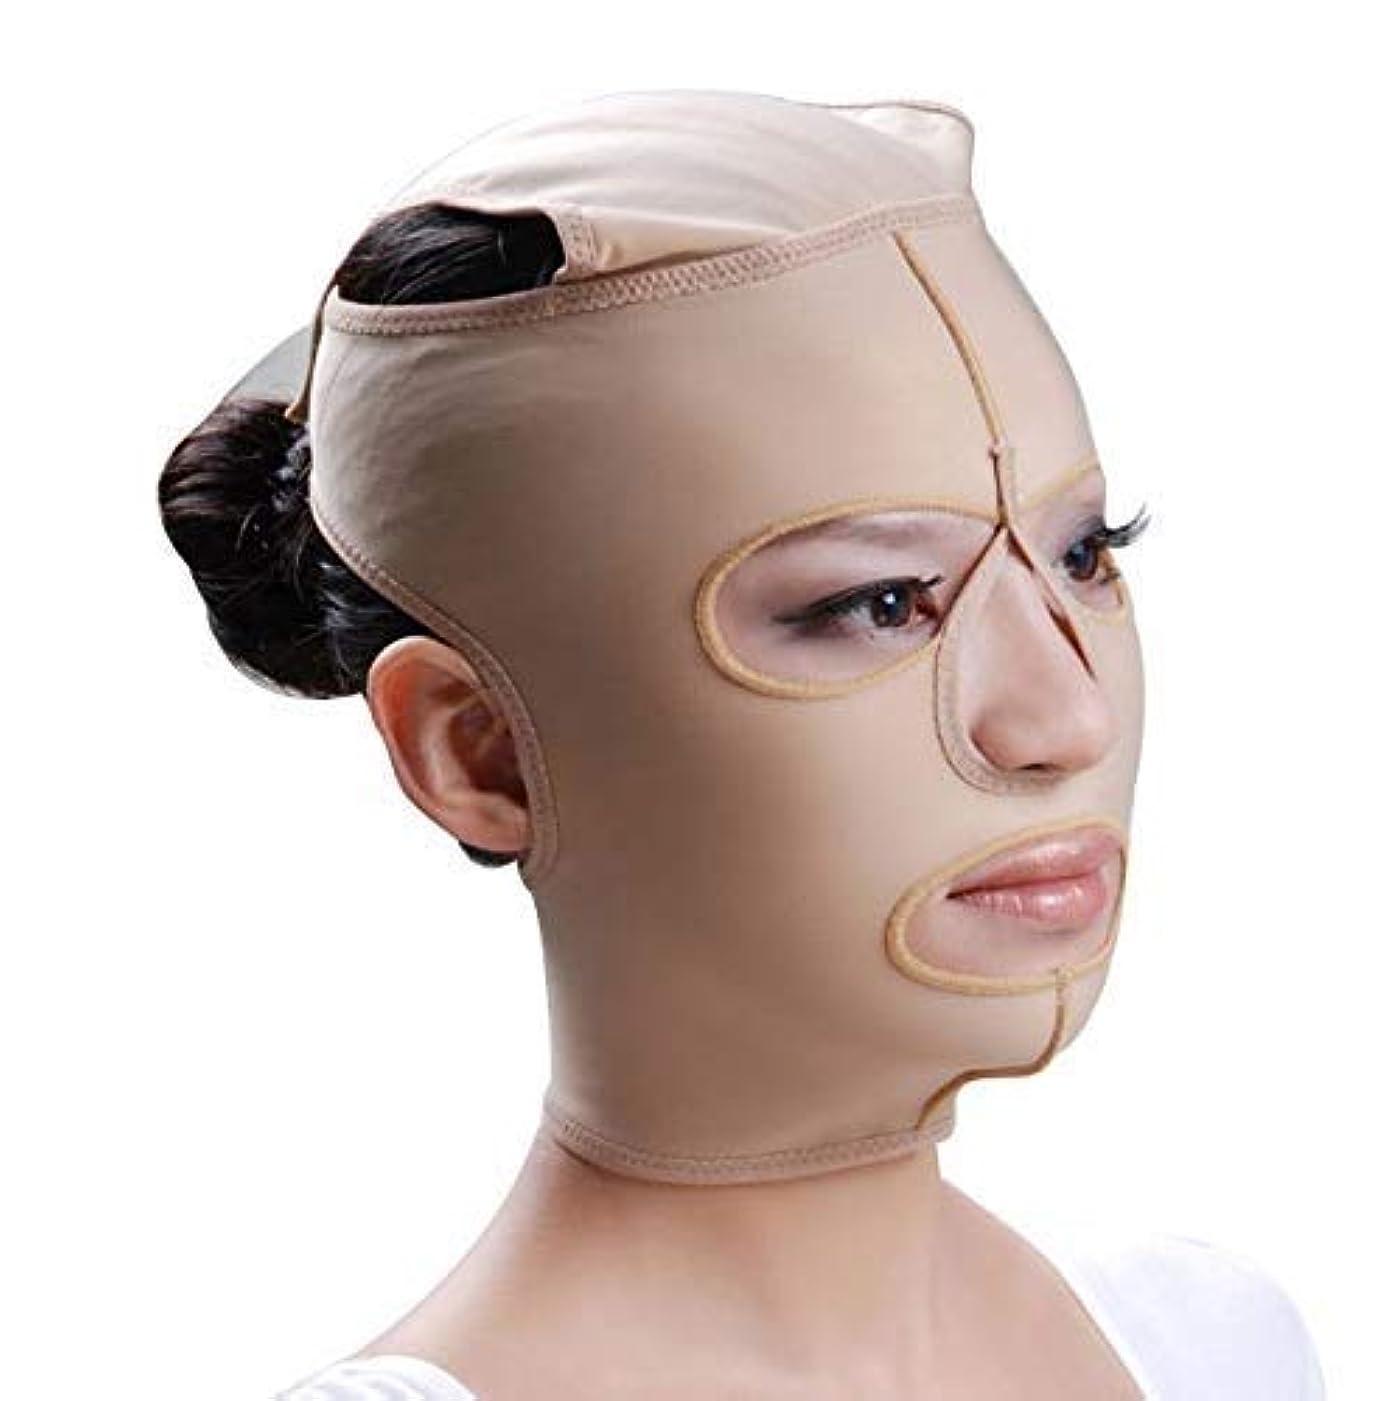 結晶メジャー無線ファーミングフェイスマスク、フェイシャルマスク弾性フェイスリフティングリフティングファーミングパターンマイクロフィニッシングポストモデリングコンプレッションフェイスマスク(サイズ:L)